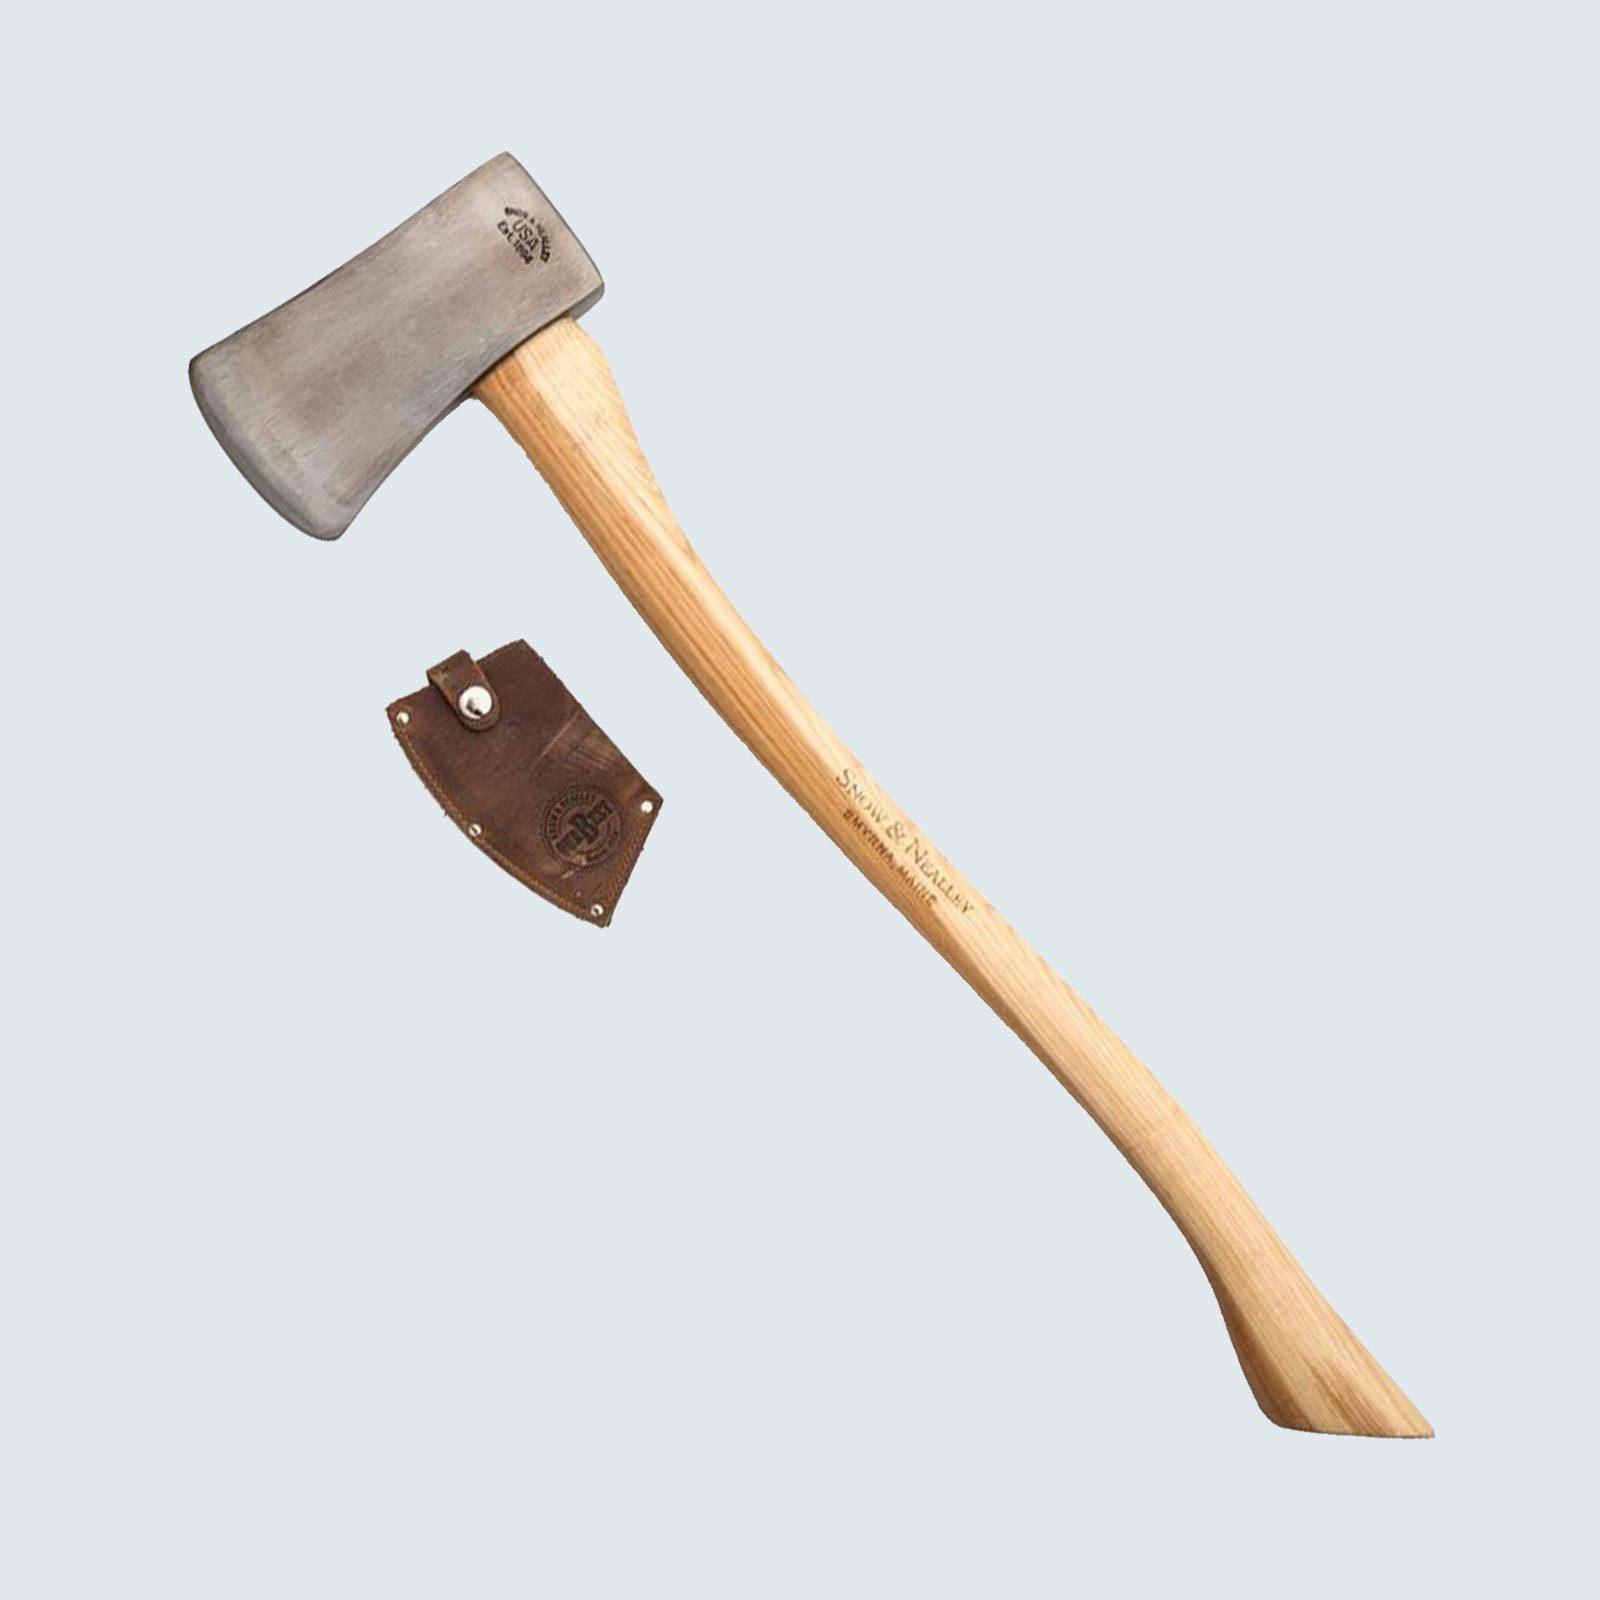 Snow & Neally 2-1/4 lb. Single bit axe